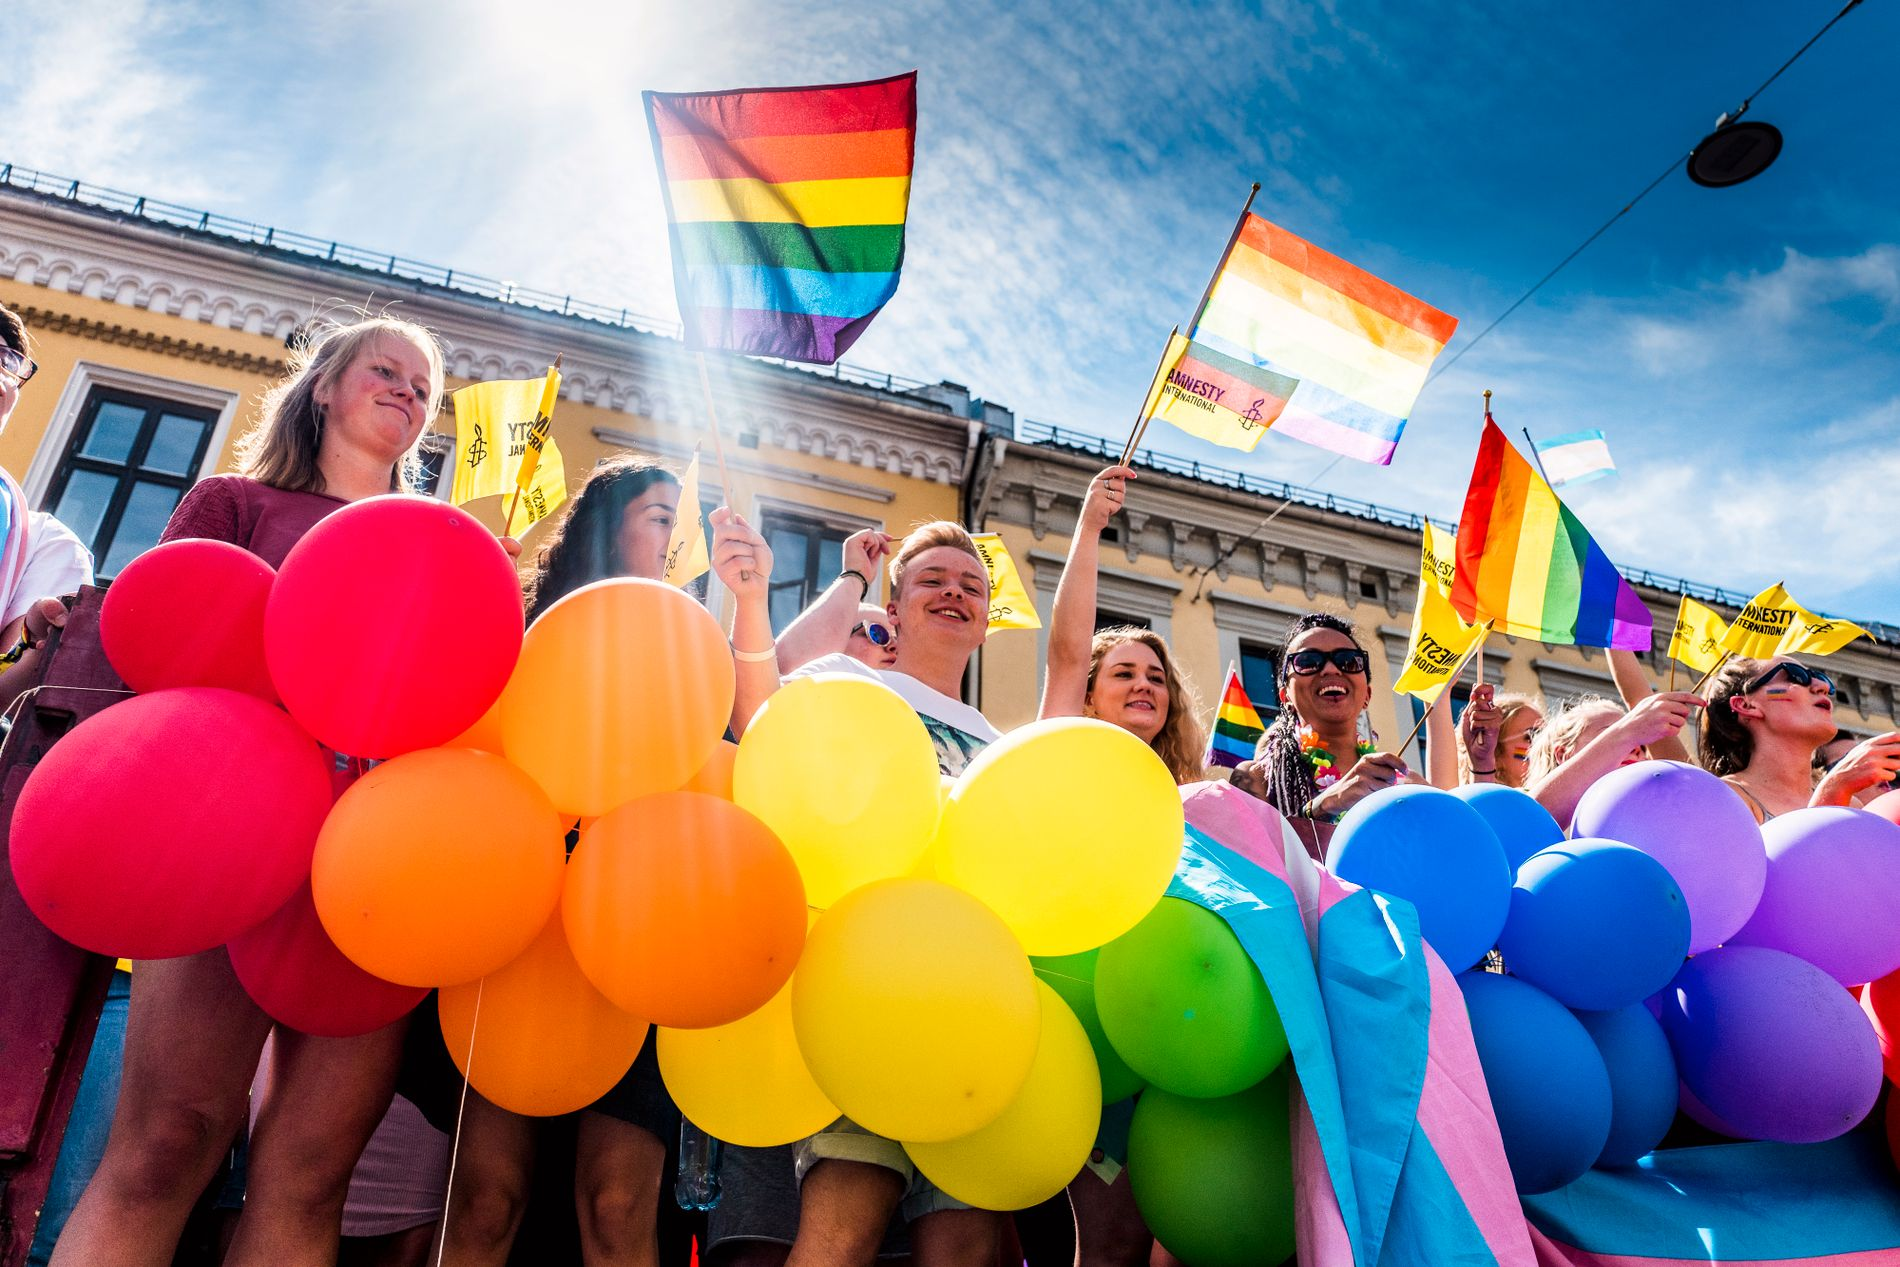 RETTIGHETER: – Vi har fortsatt en jobb å gjøre, også i alle de ukene det ikke er Pride , skriver Anniken Sørlie og Mathilde Mehren.